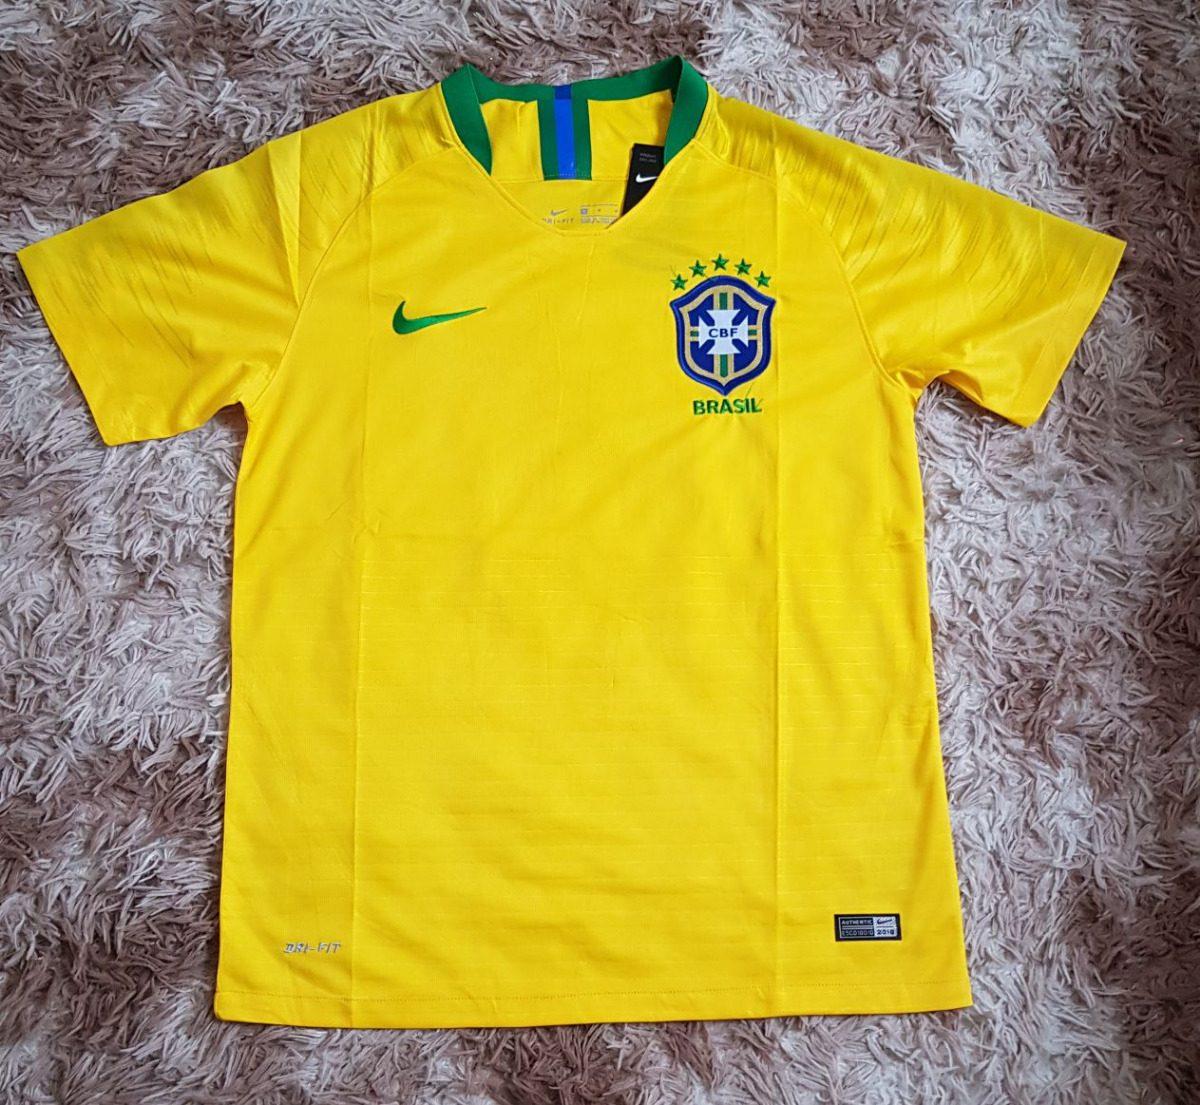 novo uniforme seleção do brasil oficial 2018 mega promoção. Carregando zoom. 49896d14dbefb